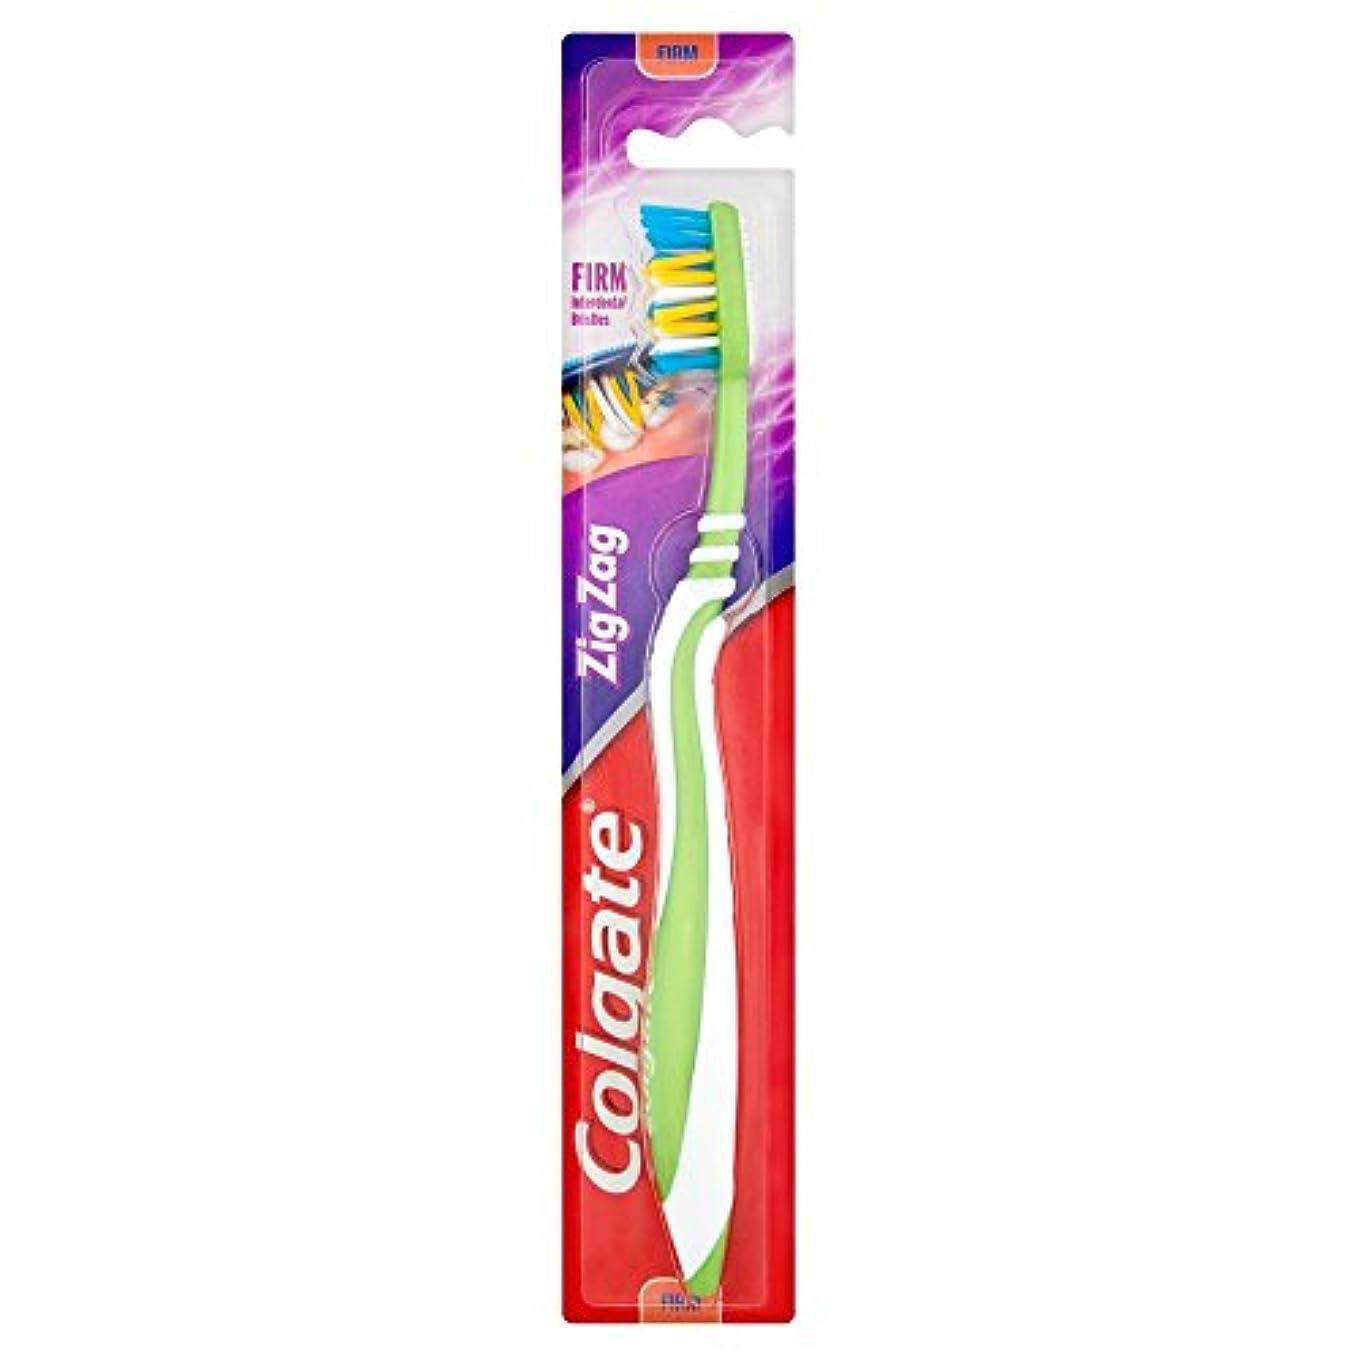 半径歯車接尾辞[Colgate ] コルゲートジグザグしっかり歯ブラシ - Colgate Zig Zag Firm Toothbrush [並行輸入品]